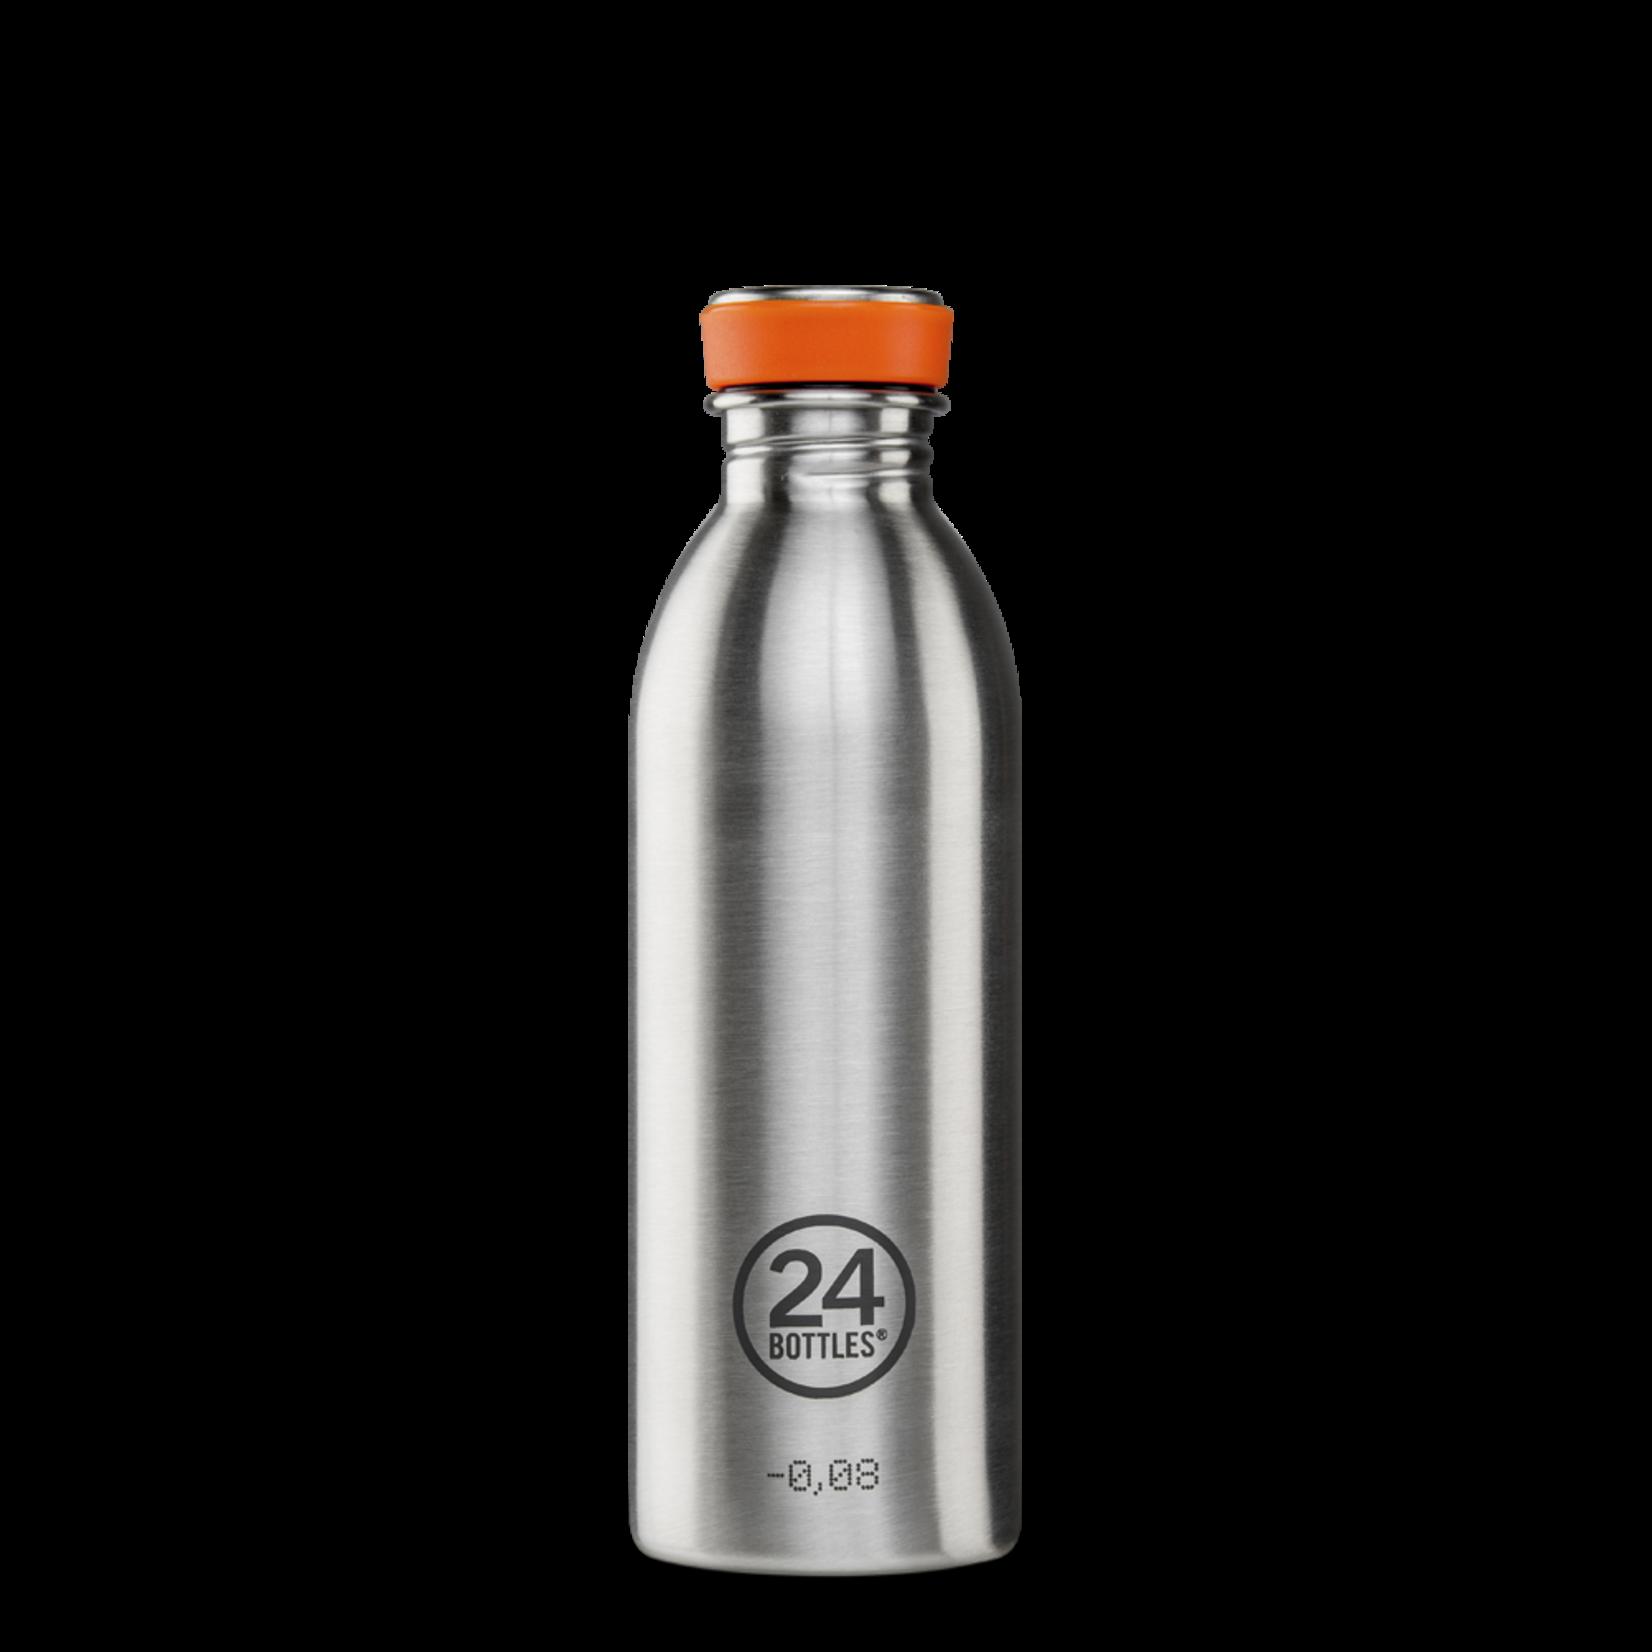 24Bottles Urban bottle